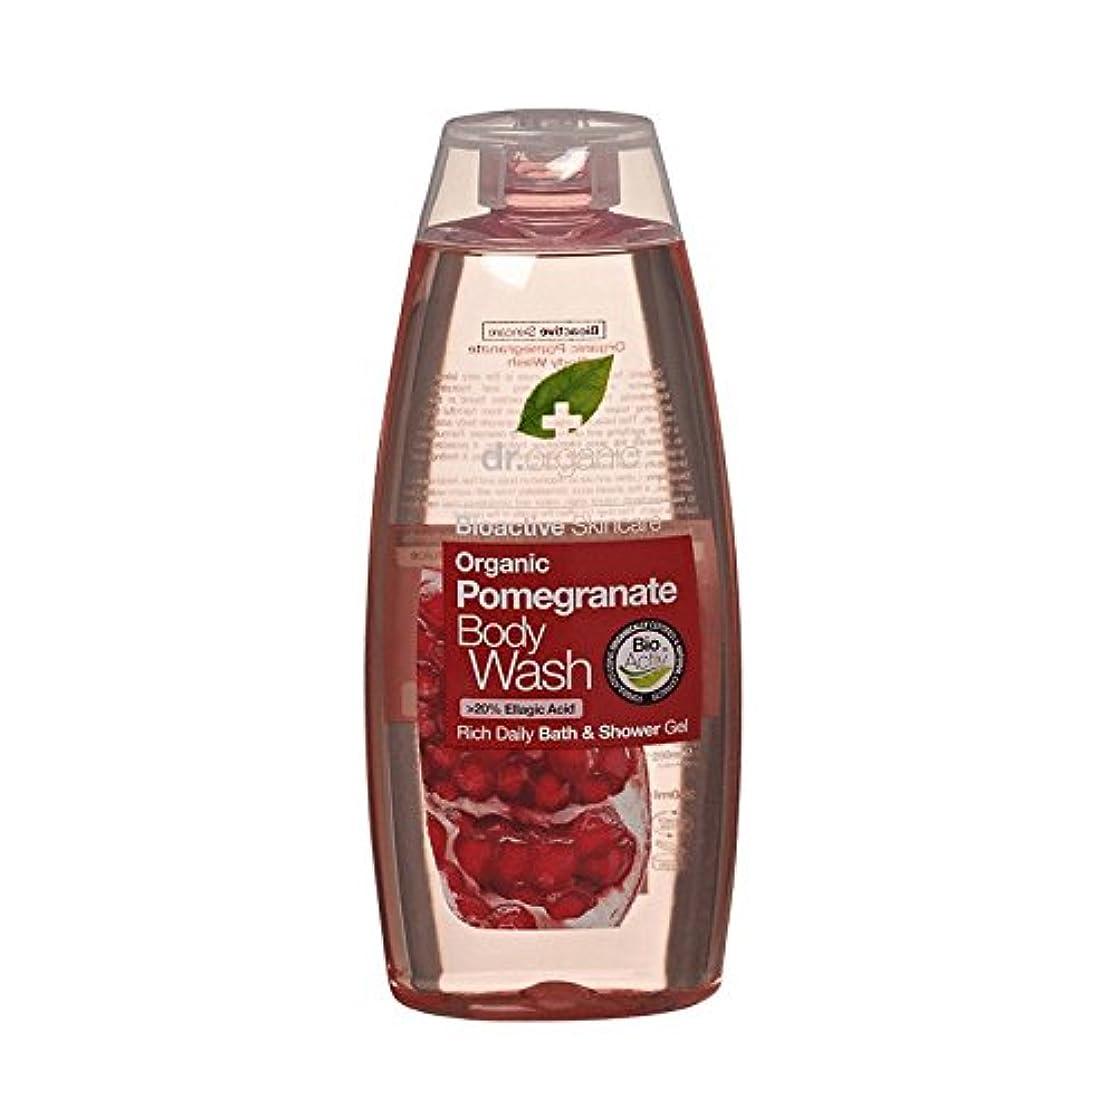 故障中司教倉庫Dr Organic Pomegranate Body Wash (Pack of 2) - Dr有機ザクロボディウォッシュ (x2) [並行輸入品]